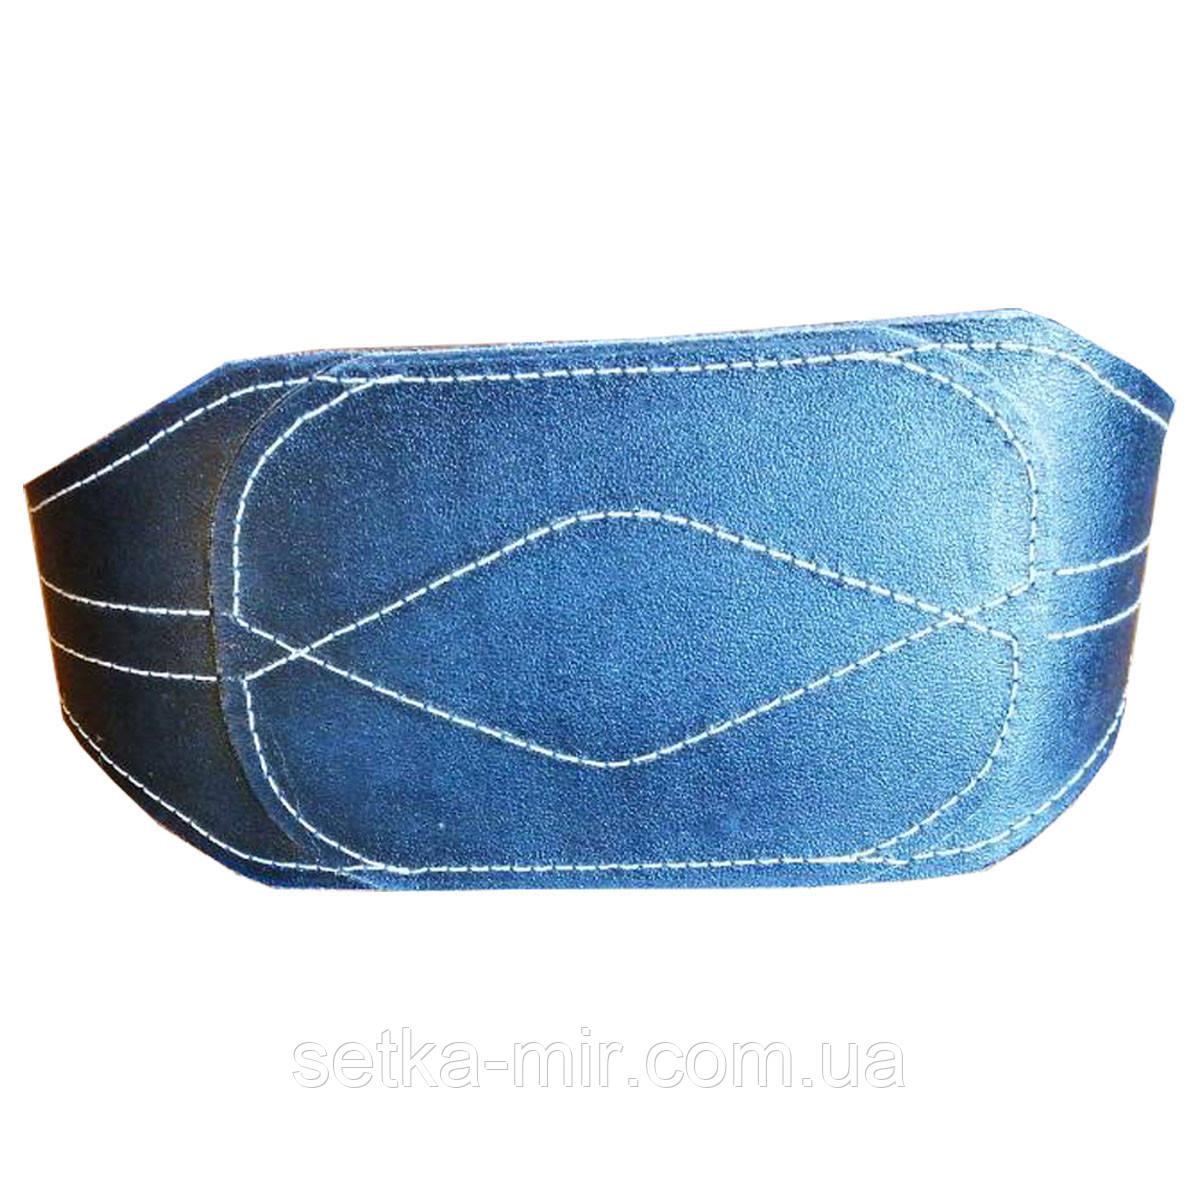 Пояс кожаный тяжелоатлетический 15 х 0,8 см кирза